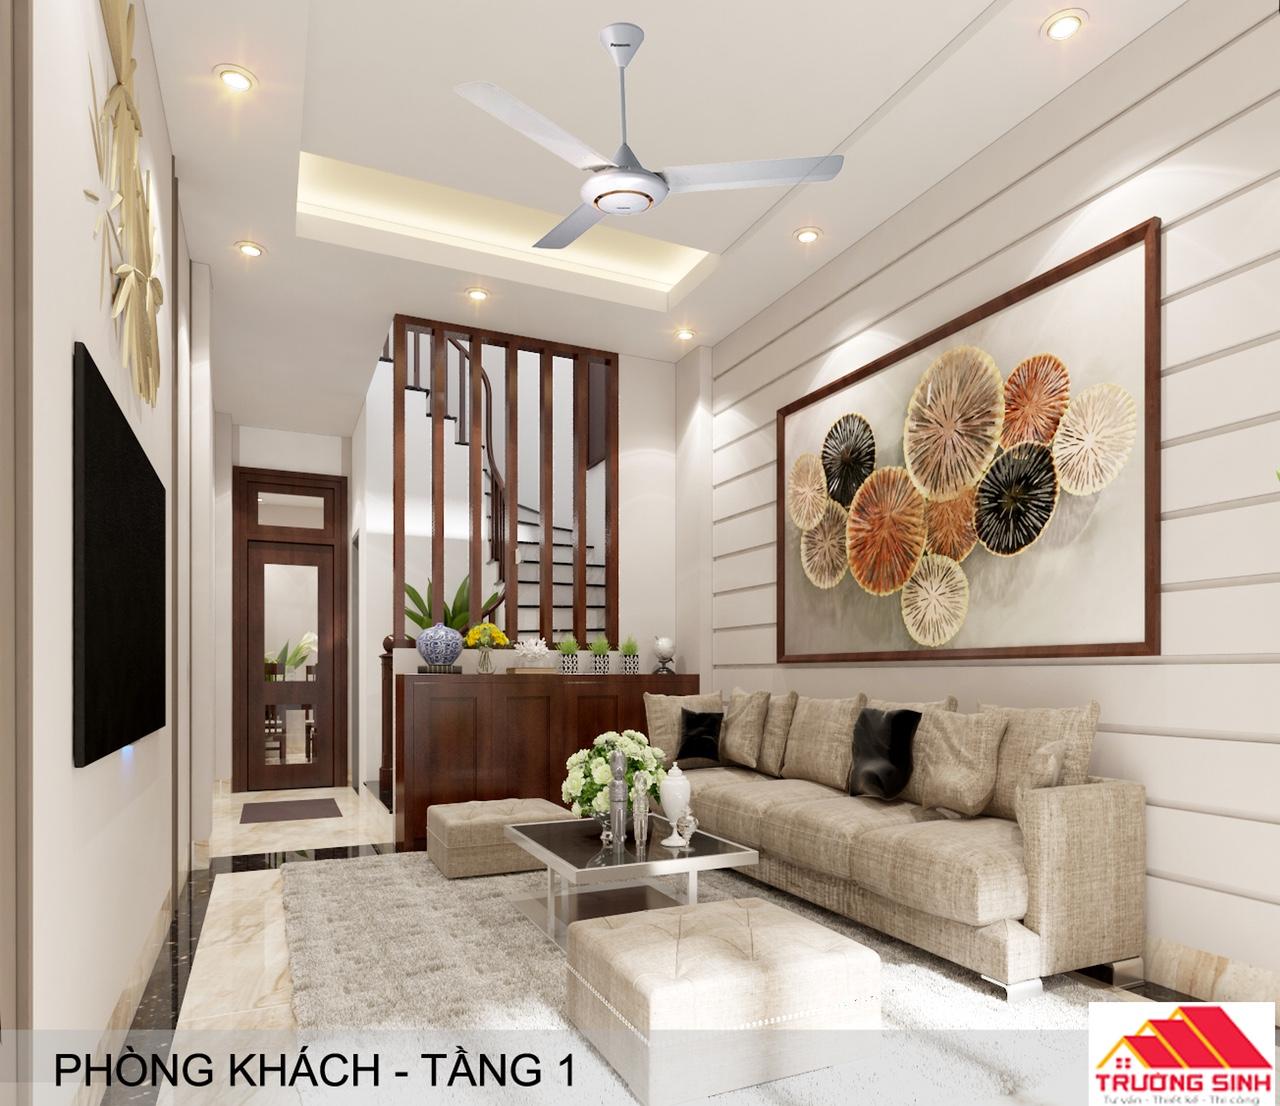 Thiết kế cải tạo sửa chữa nhà chú Thắng tại Ba Đình, Hà Nội-3